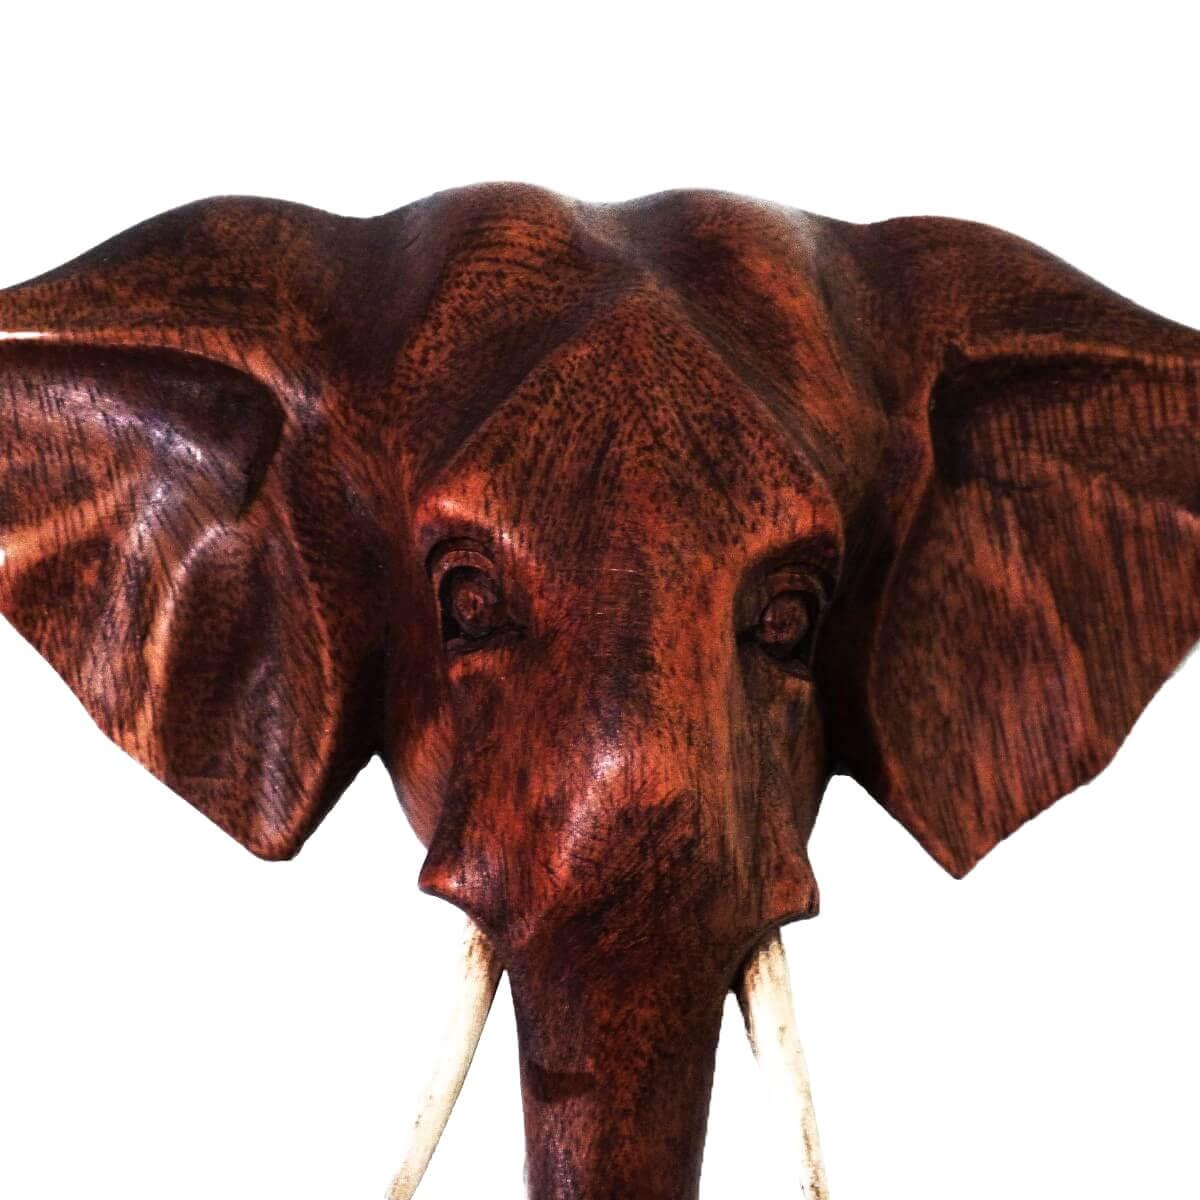 elefant holzmaske wandbehang maske wandmaske holz afrika gl cksbringer deko ebay. Black Bedroom Furniture Sets. Home Design Ideas